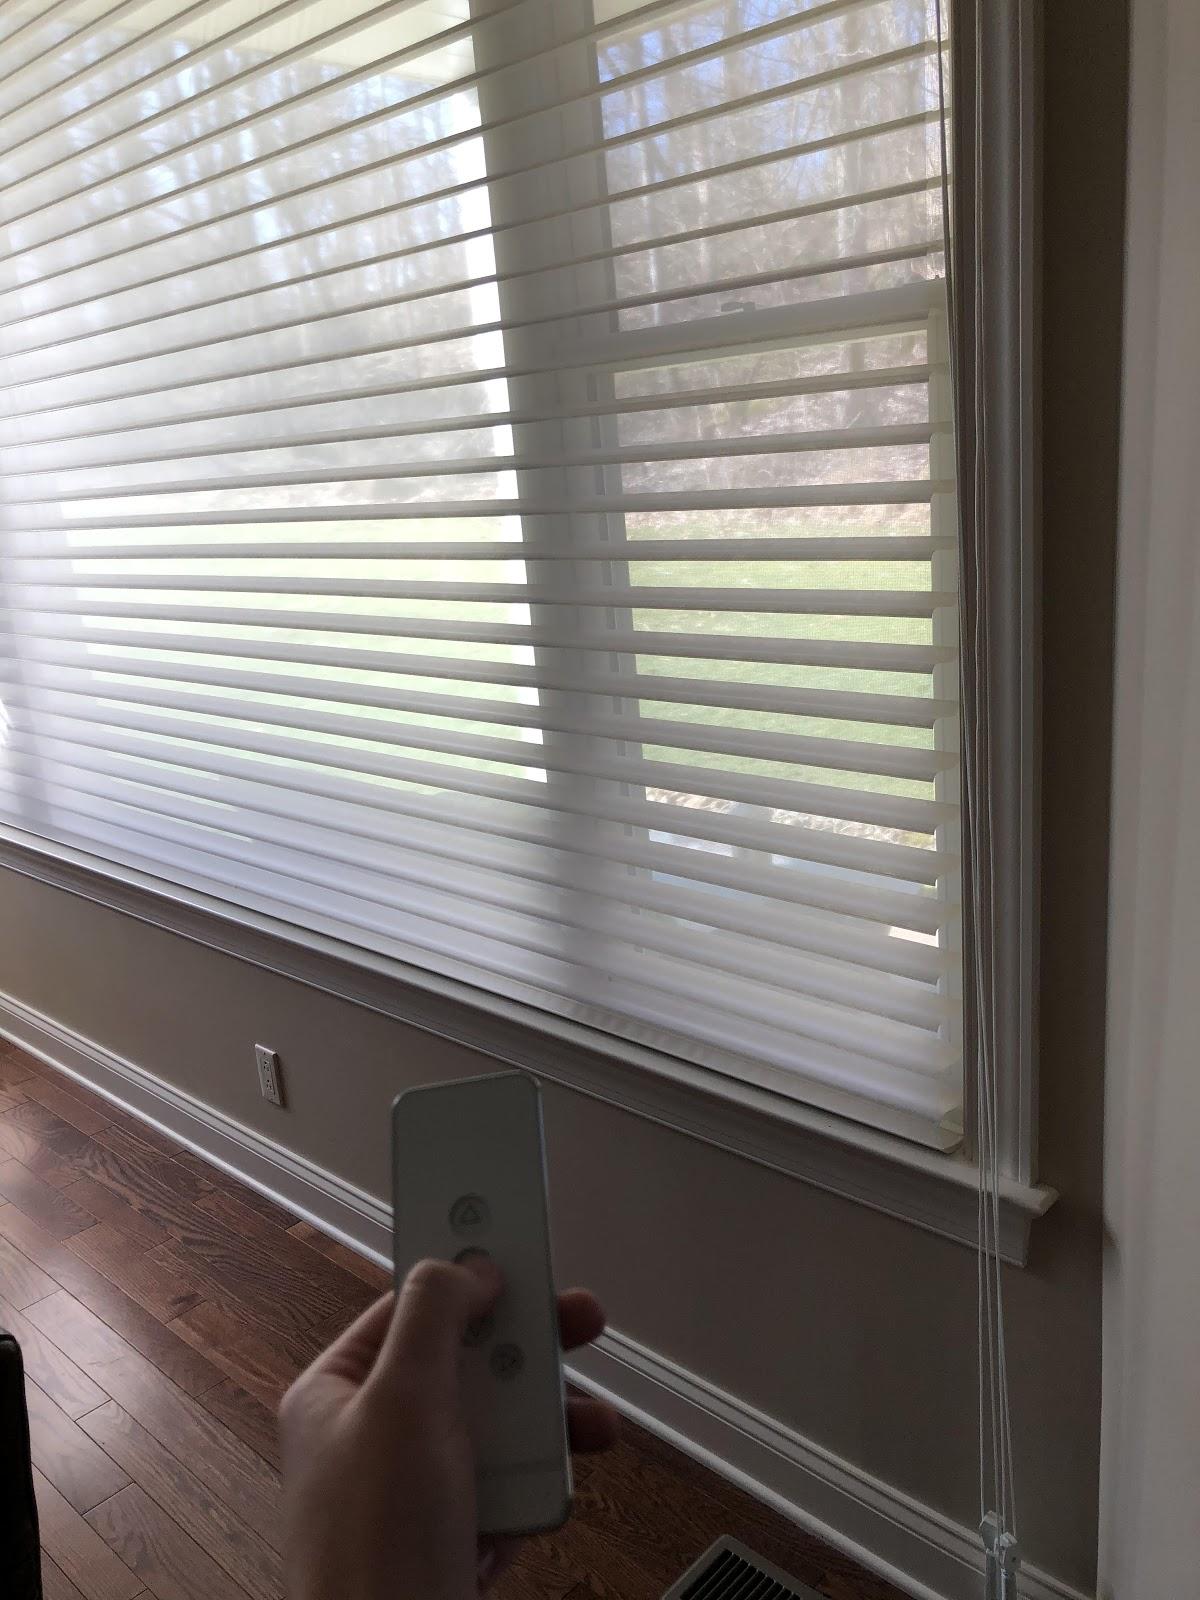 Case Study: Motorized Window Shadings - Blind Wizard Blog